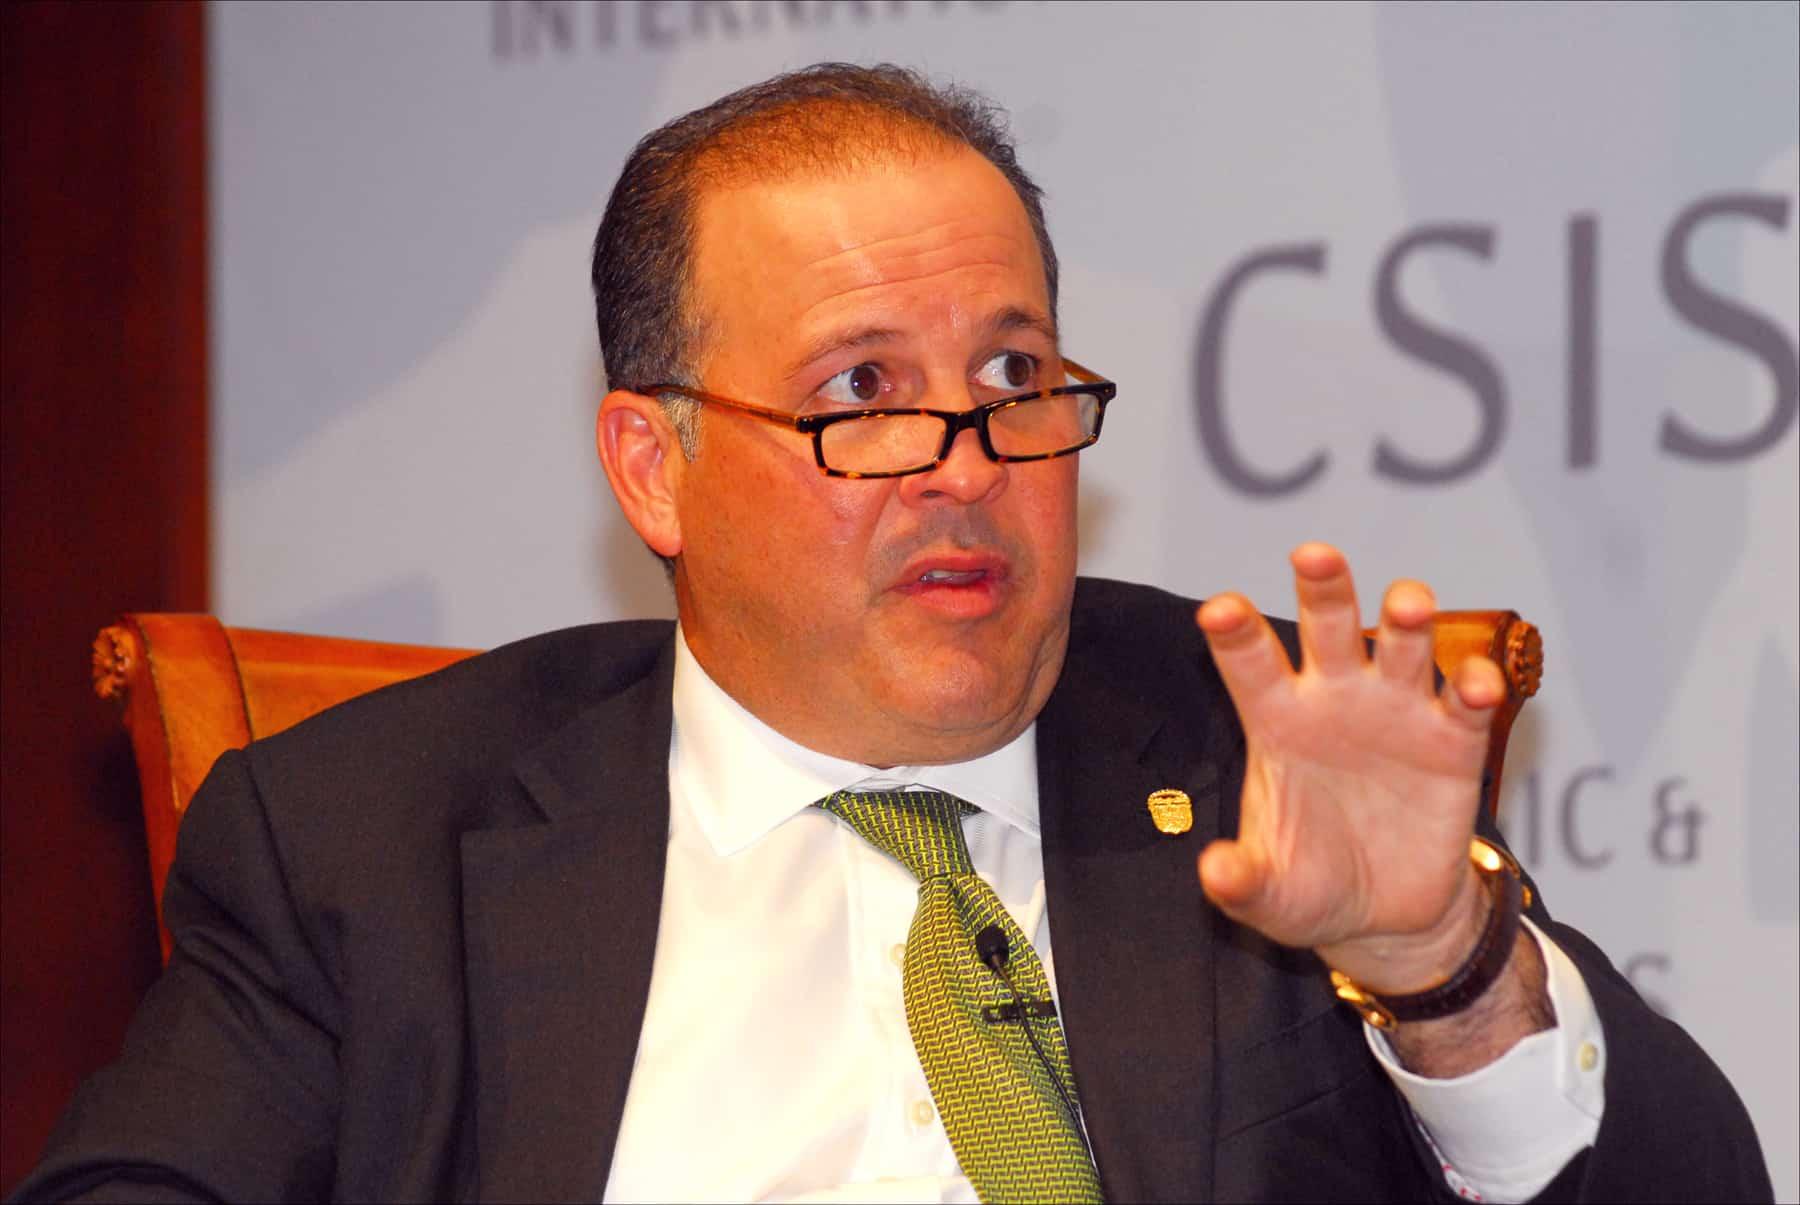 Embajador Emanuel González Revilla Hijo destacado embajador y figura pública